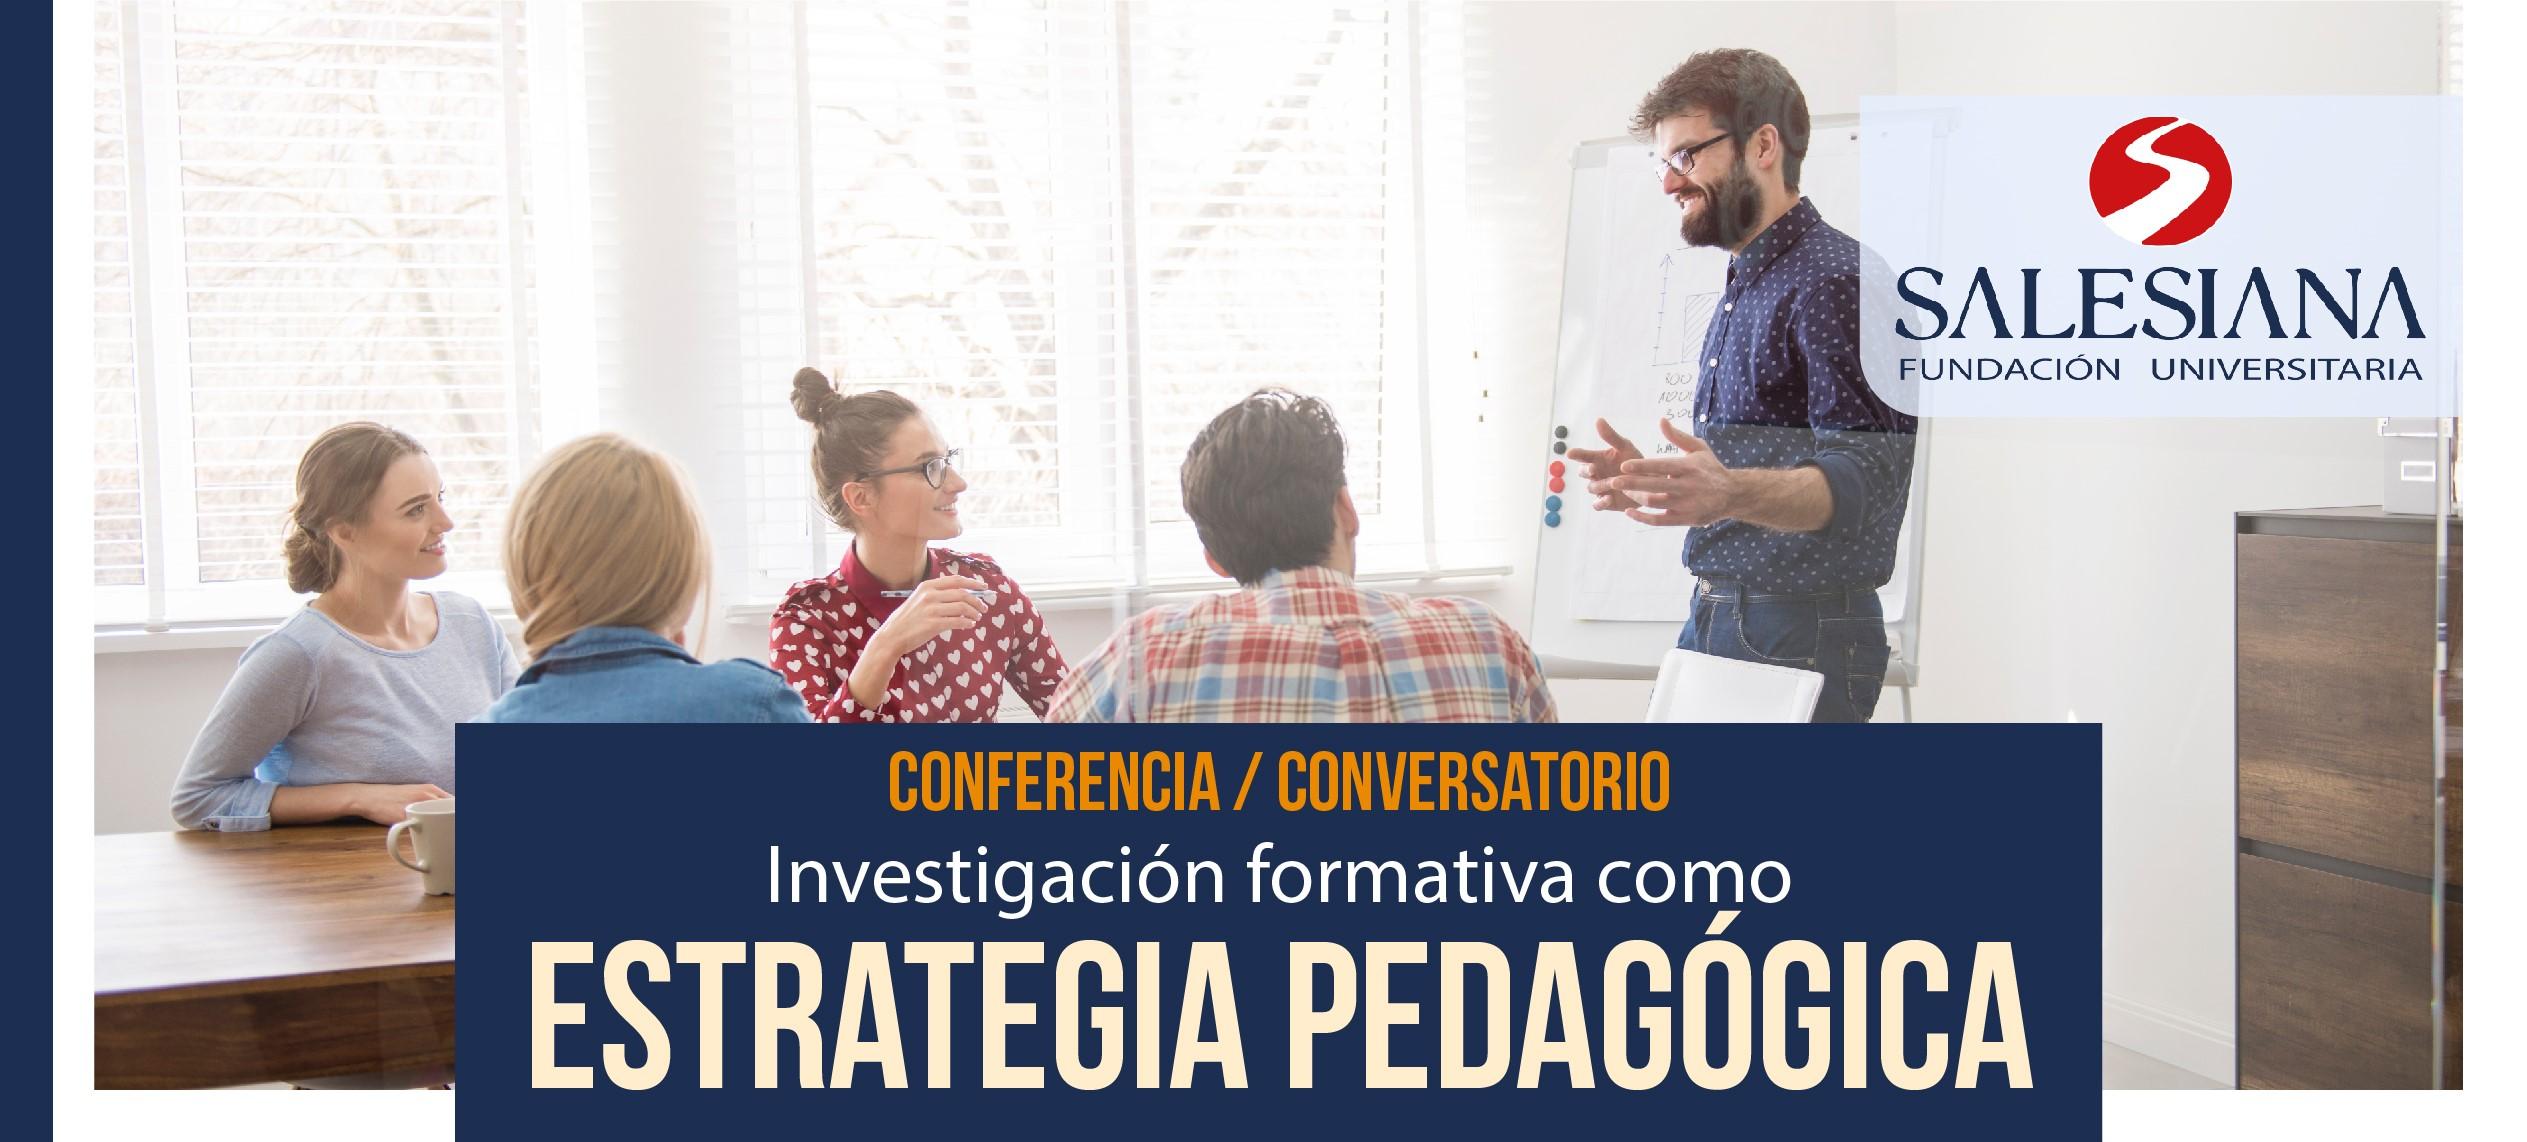 Conferencia: Investigación formativa como estrategia pedagógica 8